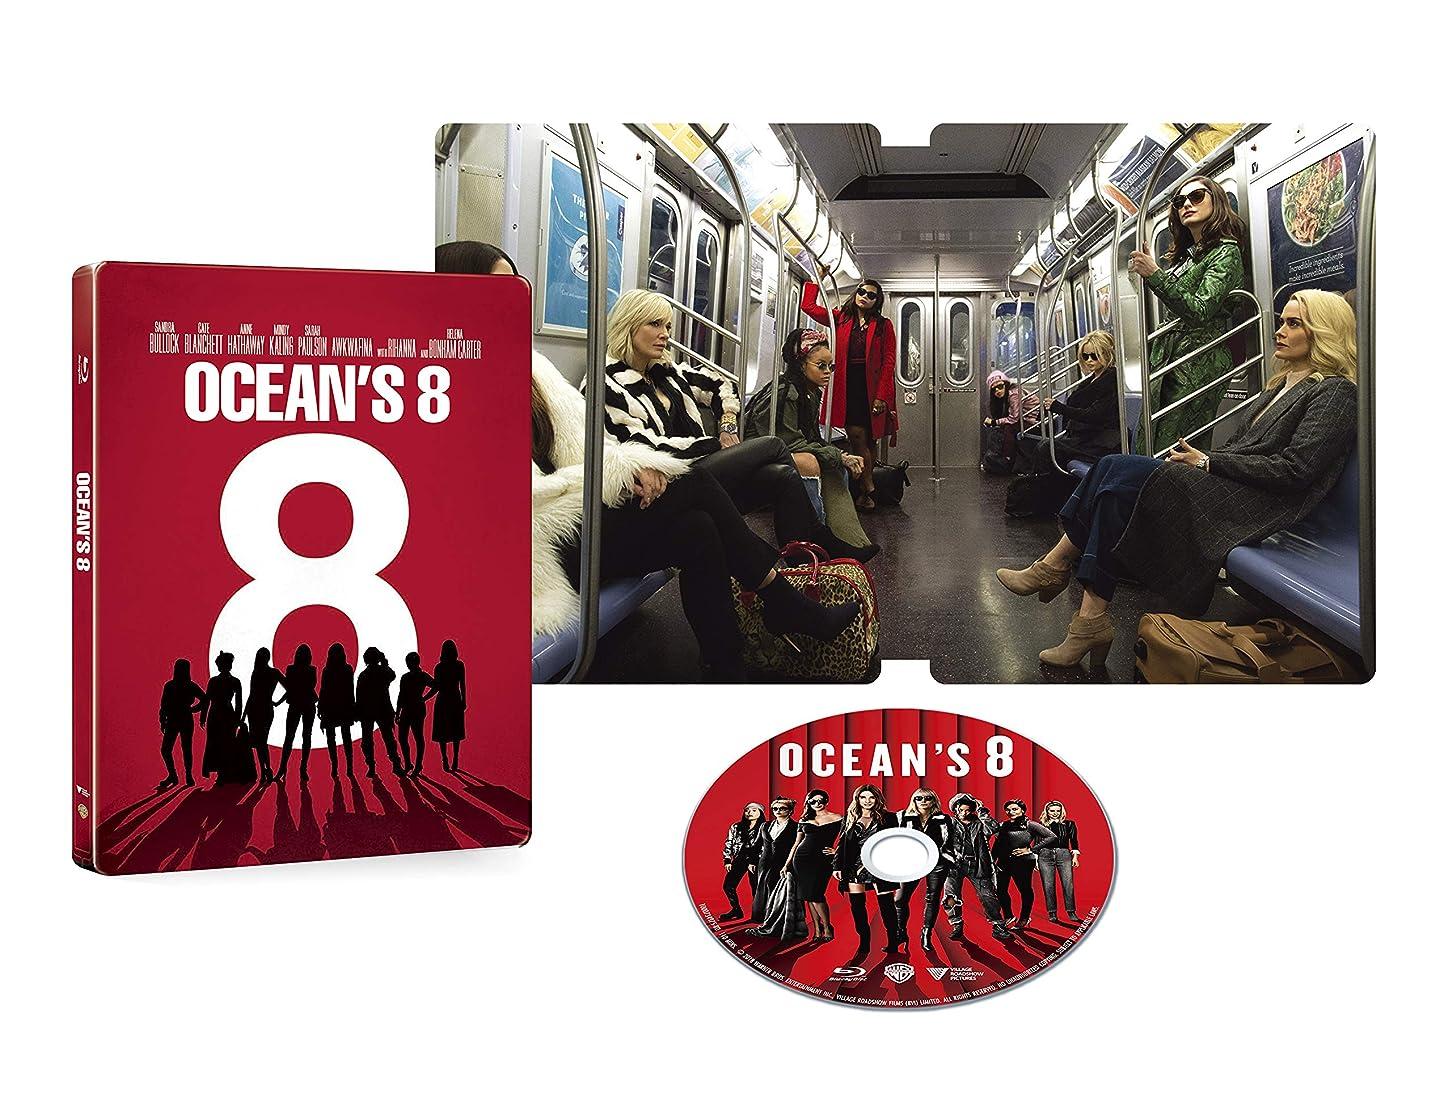 ロースト悲観的飽和するオーシャンズ8 ブルーレイ スチールブック仕様 (限定生産) [Blu-ray]